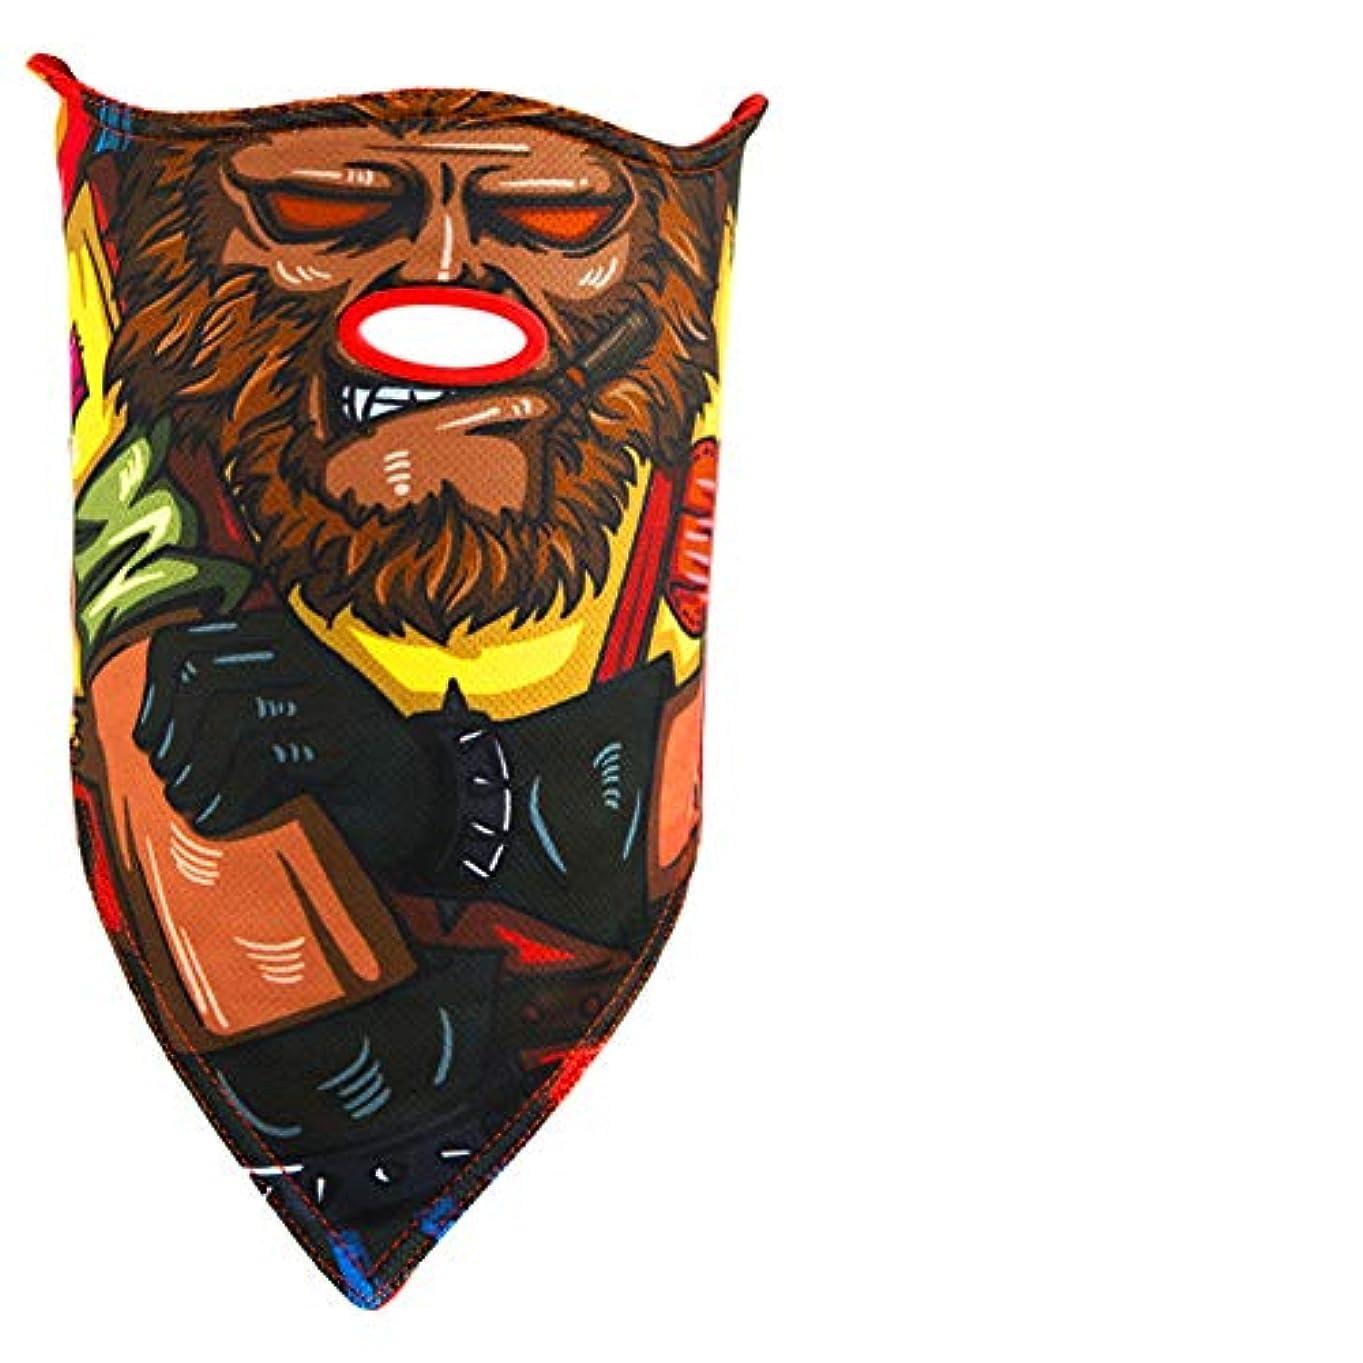 成分国まろやかなコールドマスク、スキーマスク、子供のシングルとダブルボードスキー、通気性、厚さ、防風、暖かい、顔、男の子と少女,B